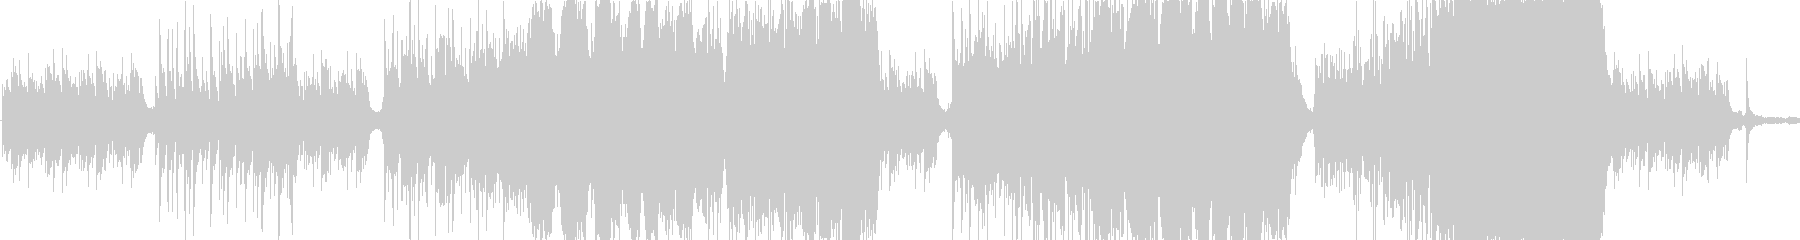 ピアノとストリングス主体のバラードの未再生の波形